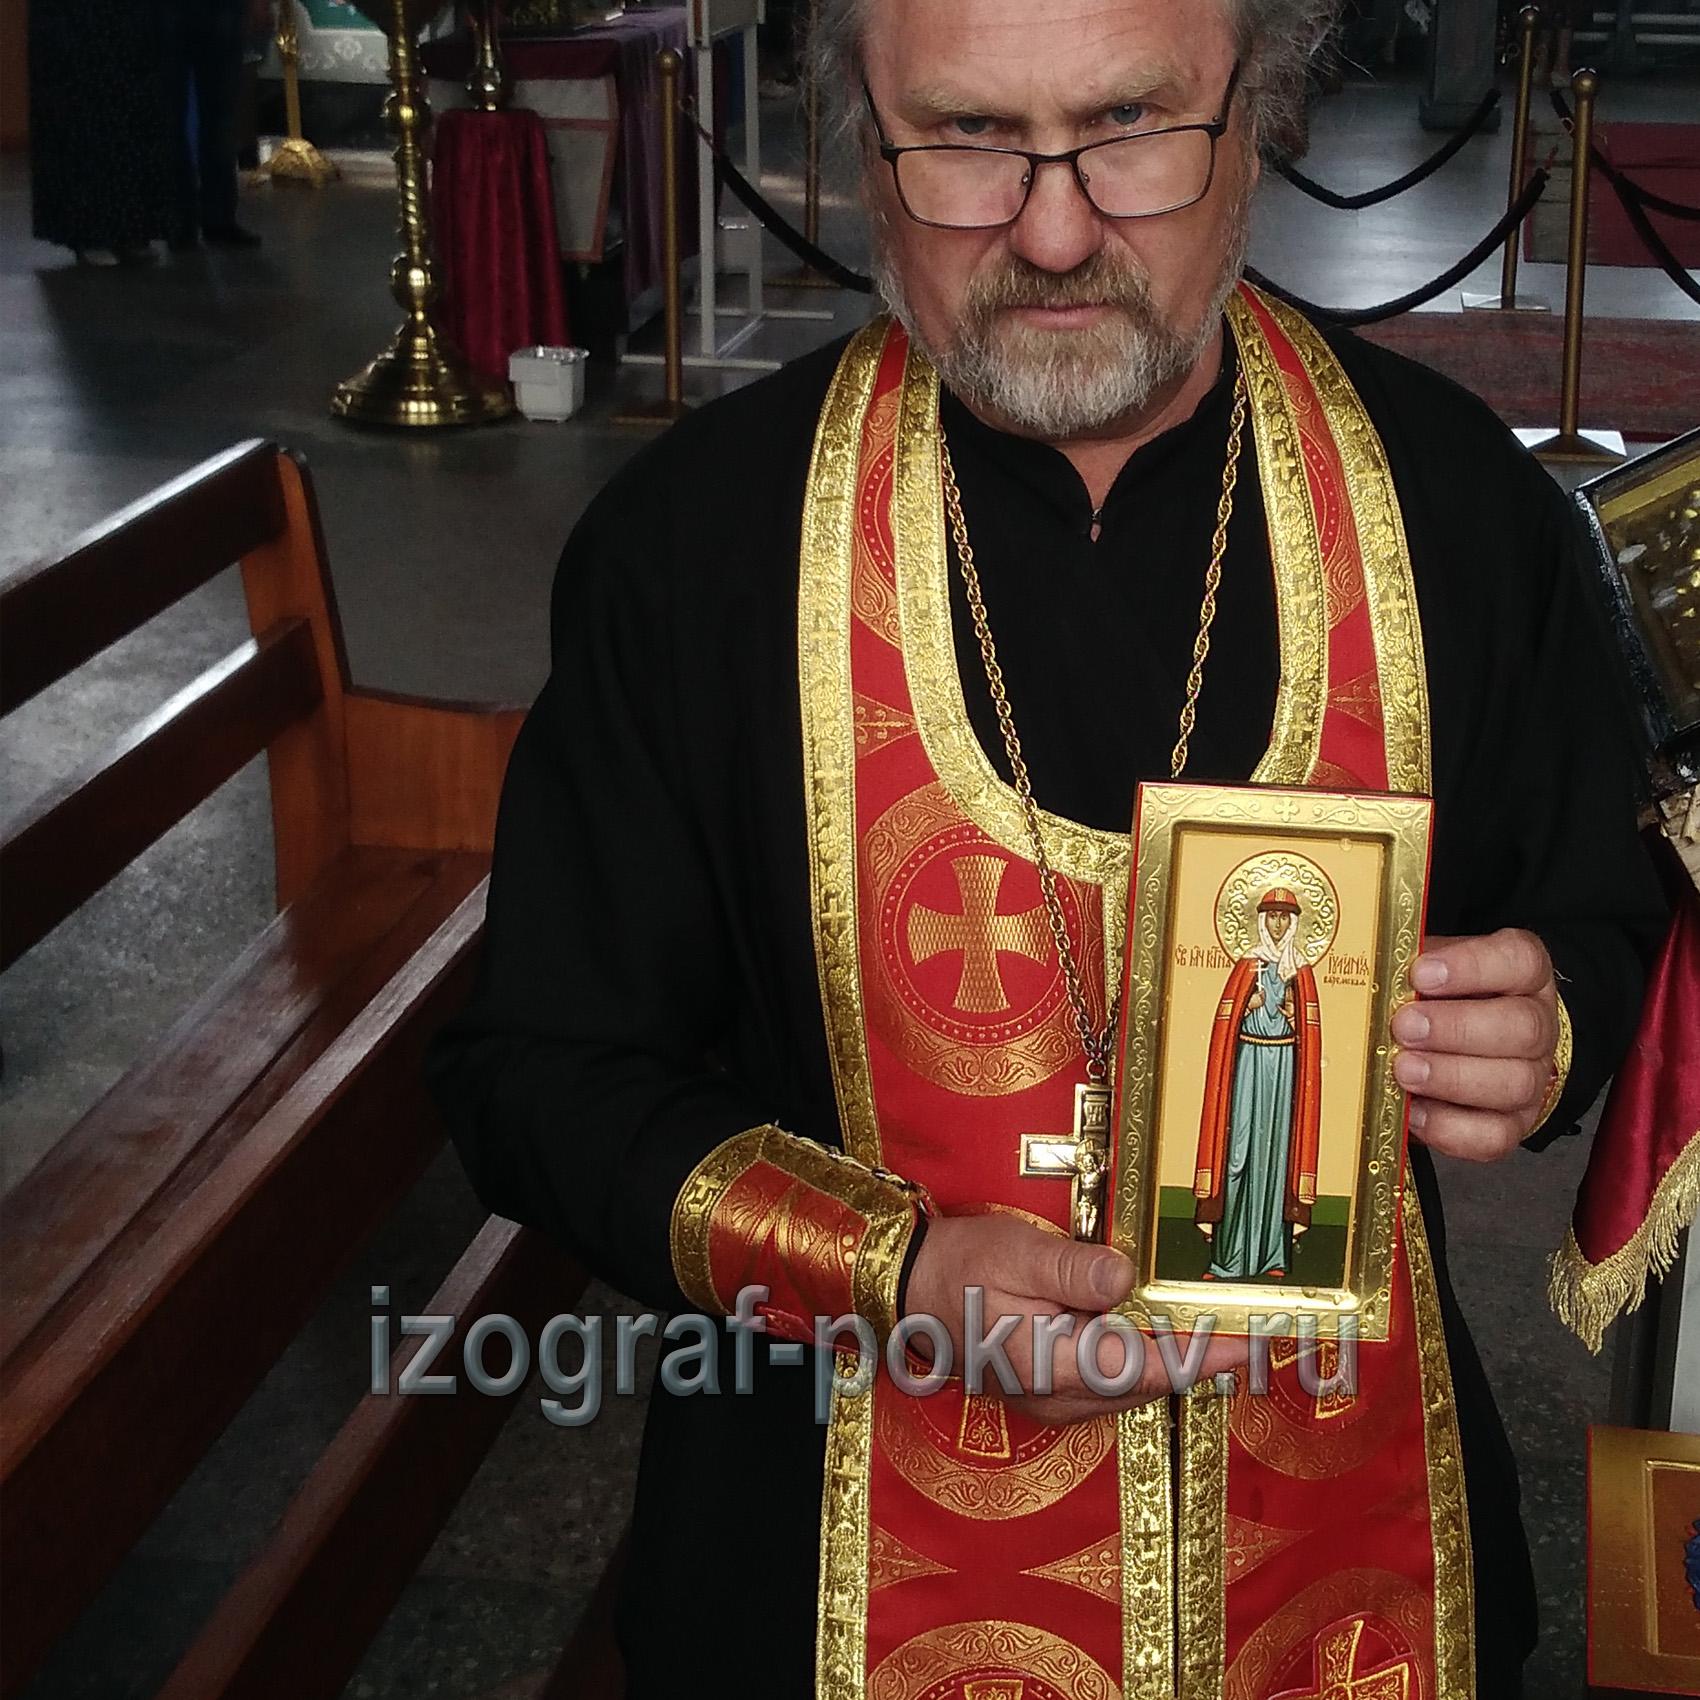 Освящение иконы Иулиании Вяземской и Новоторжской в храме Покрова Пресвятой Богородицы